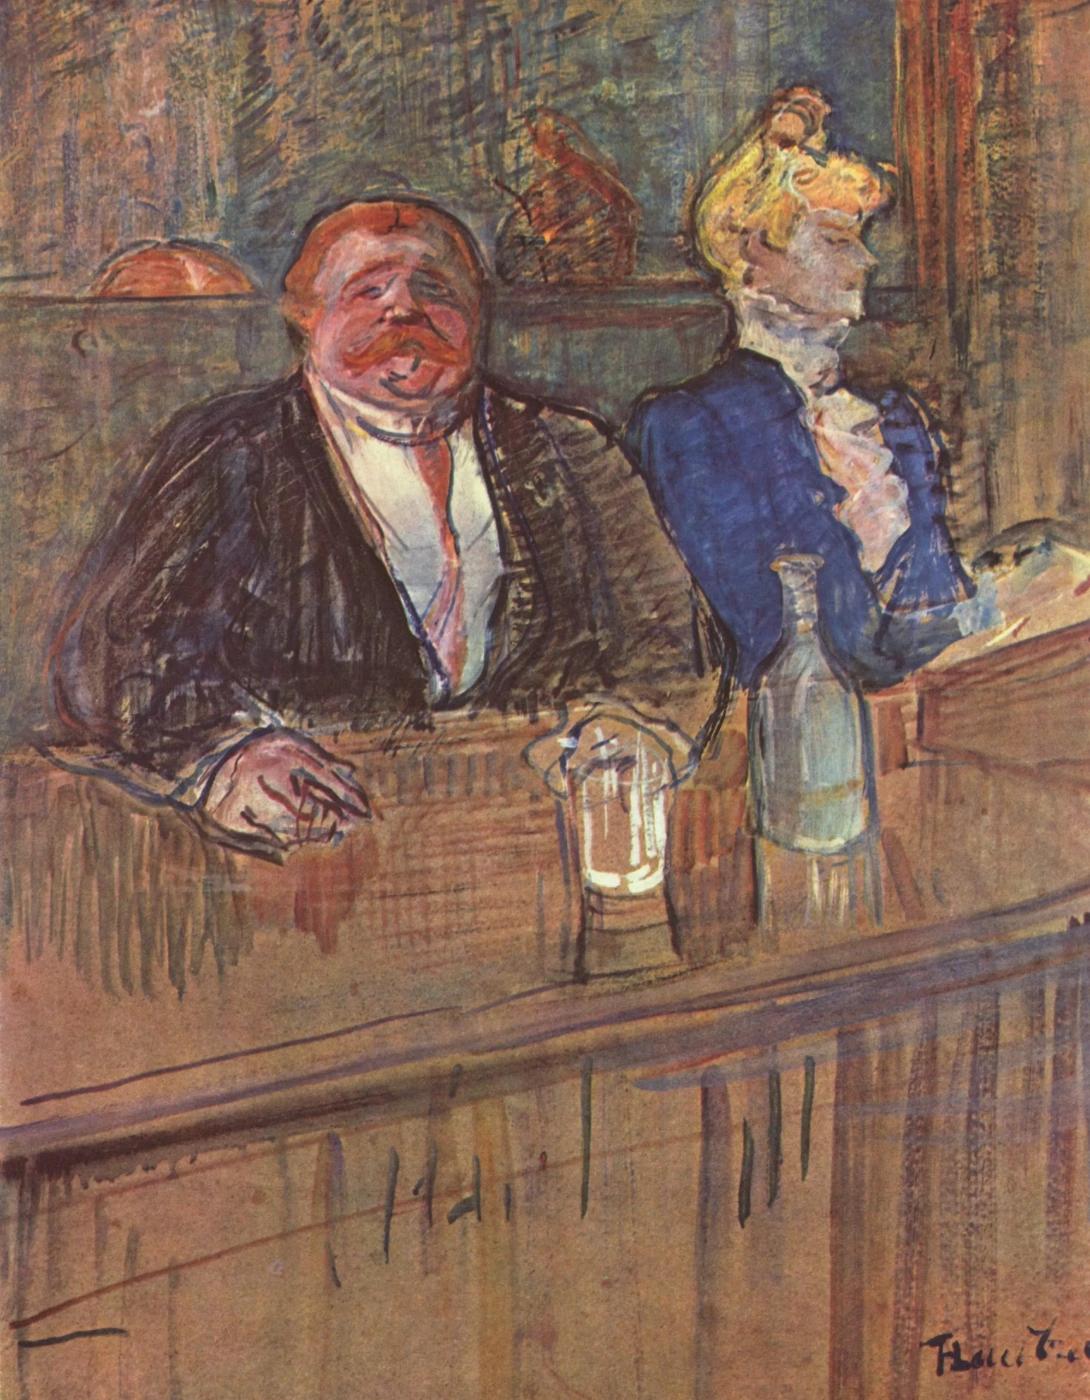 Бар Анри де Тулуз-Лотрек Живопись, 1898, 81.5 × 60 см